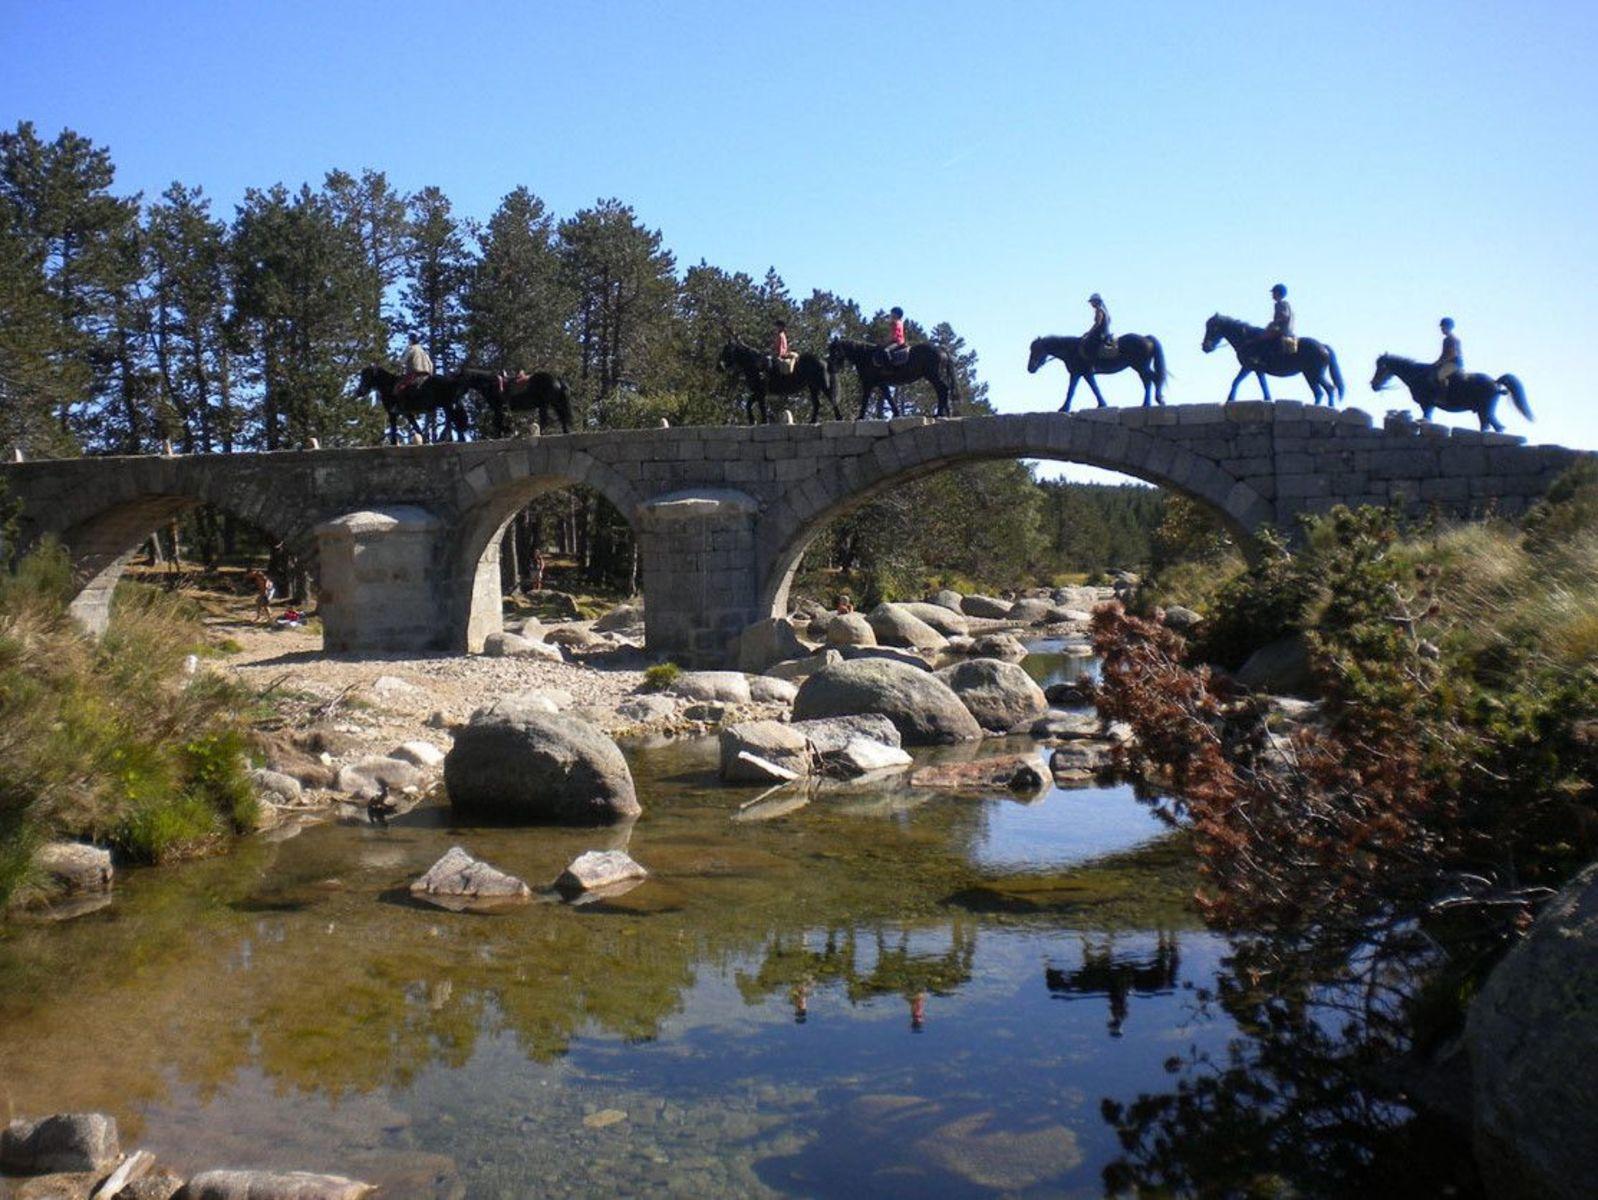 Cevenolse Mas gîte Verdier - vakantie vieren middenin de natuur